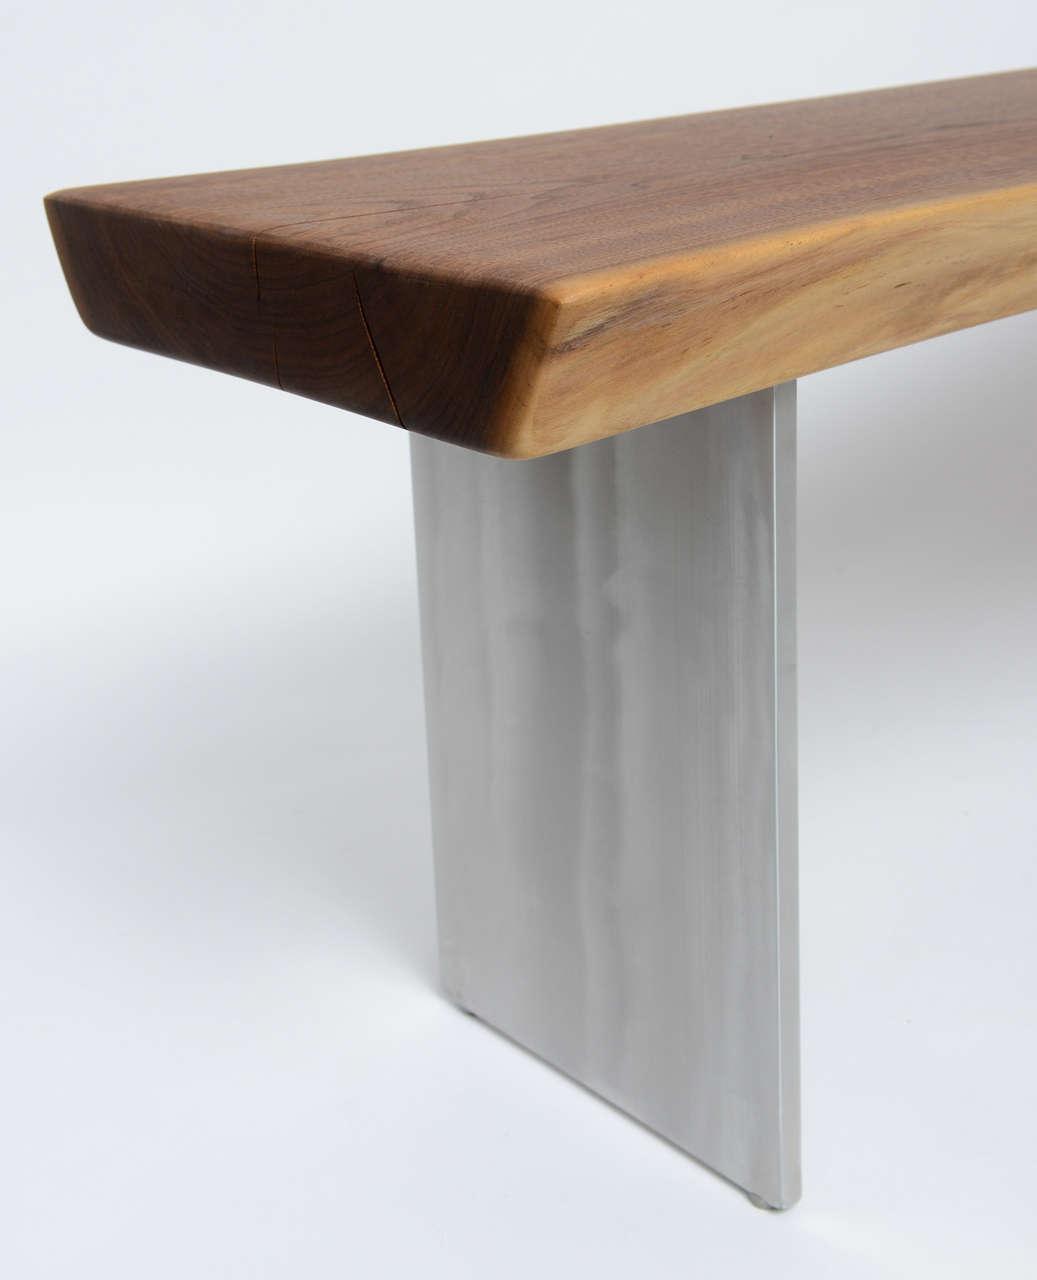 Minimalist Wood Bench, Black Walnut, Aluminum 6